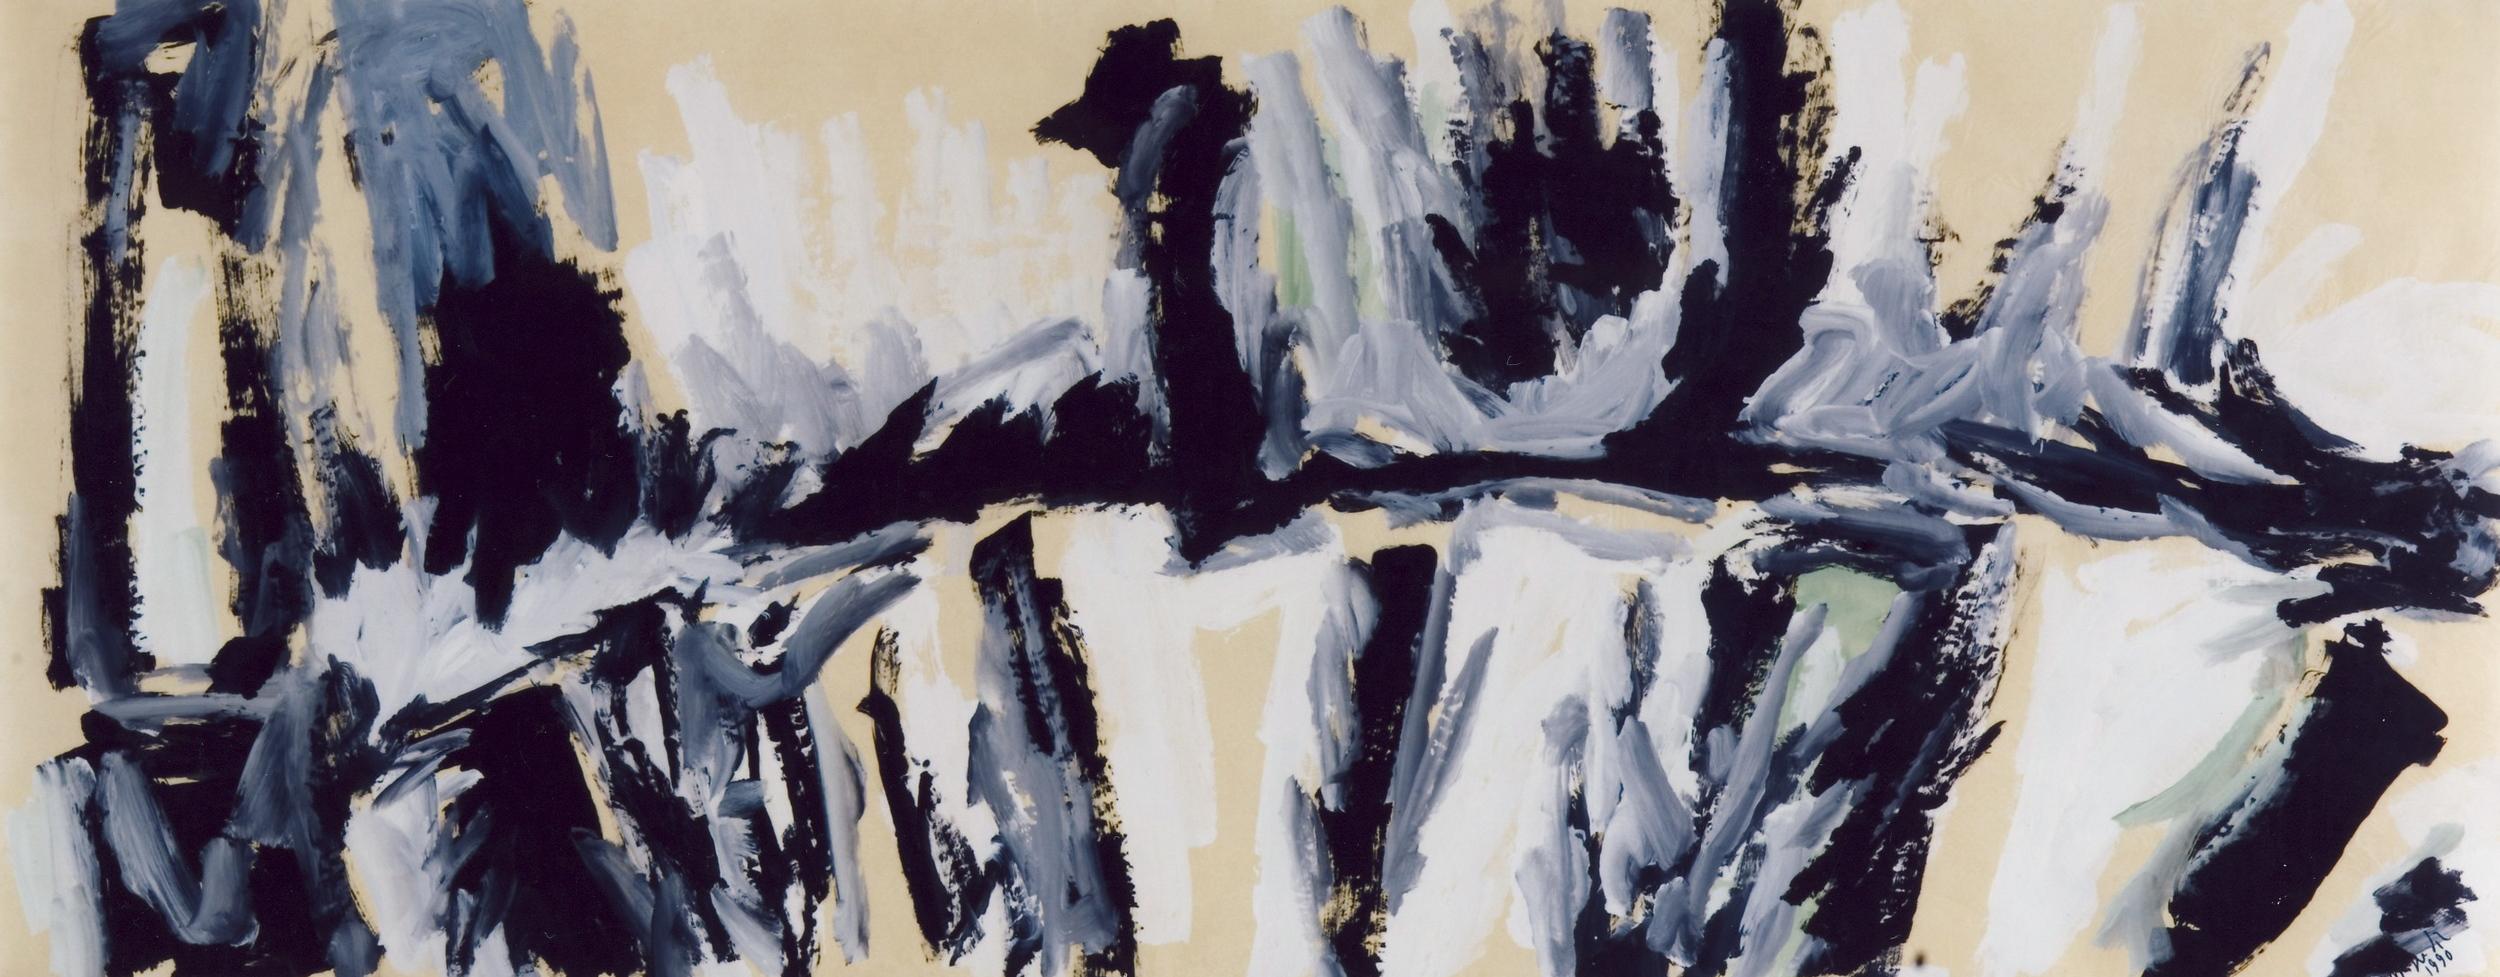 senza titolo, 1990, tempera su carta intelata, cm 150 x 375  untitled, 1990, tempera on canvassed paper, cm 150 x 375